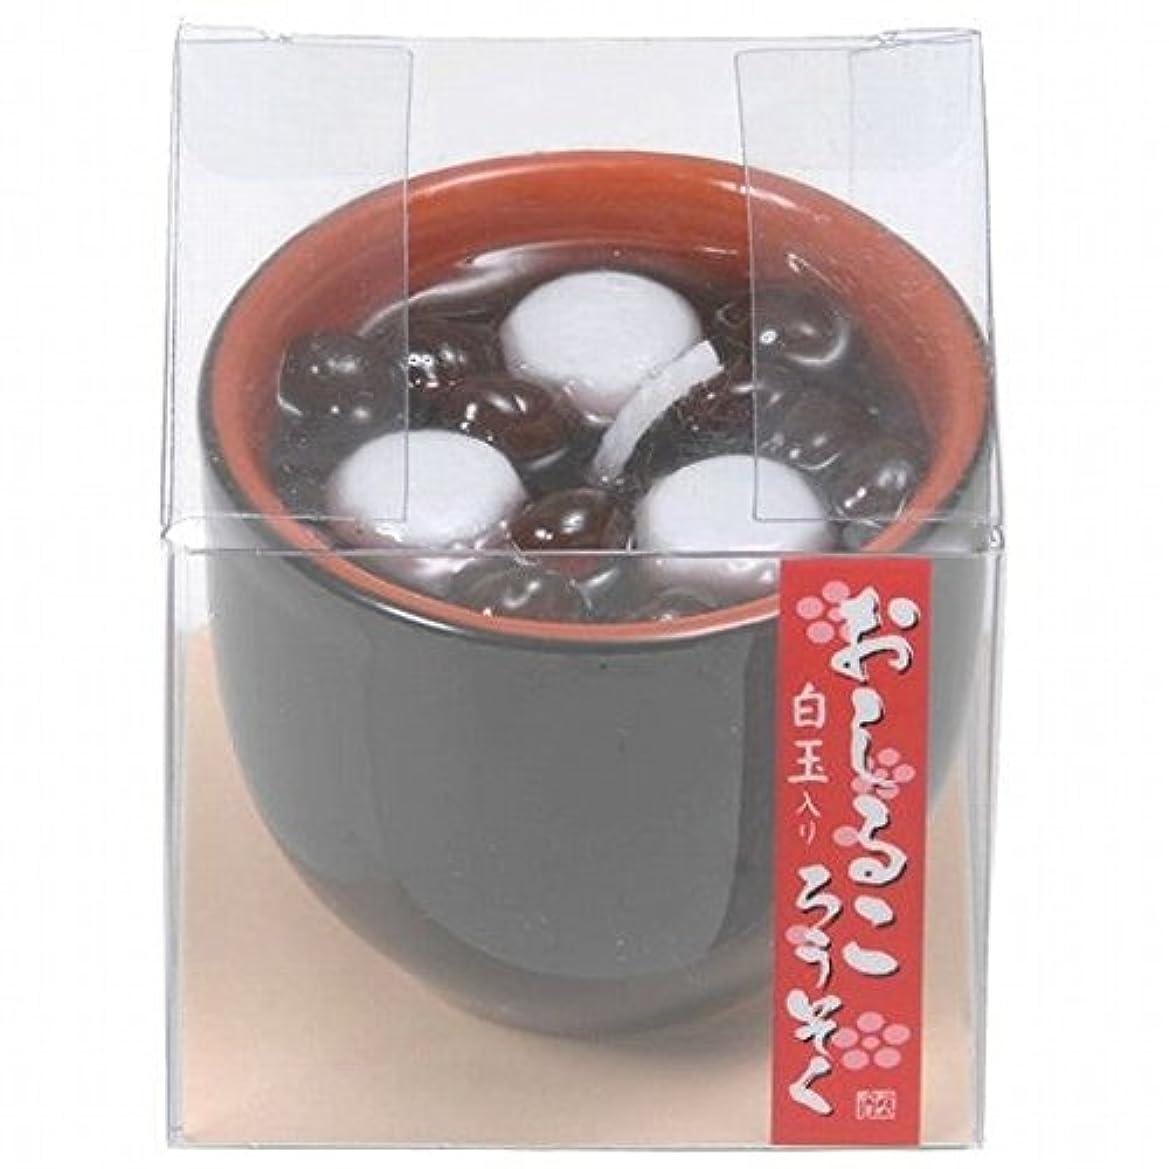 拡張伝えるリールkameyama candle(カメヤマキャンドル) おしるころうそく キャンドル(86440000)